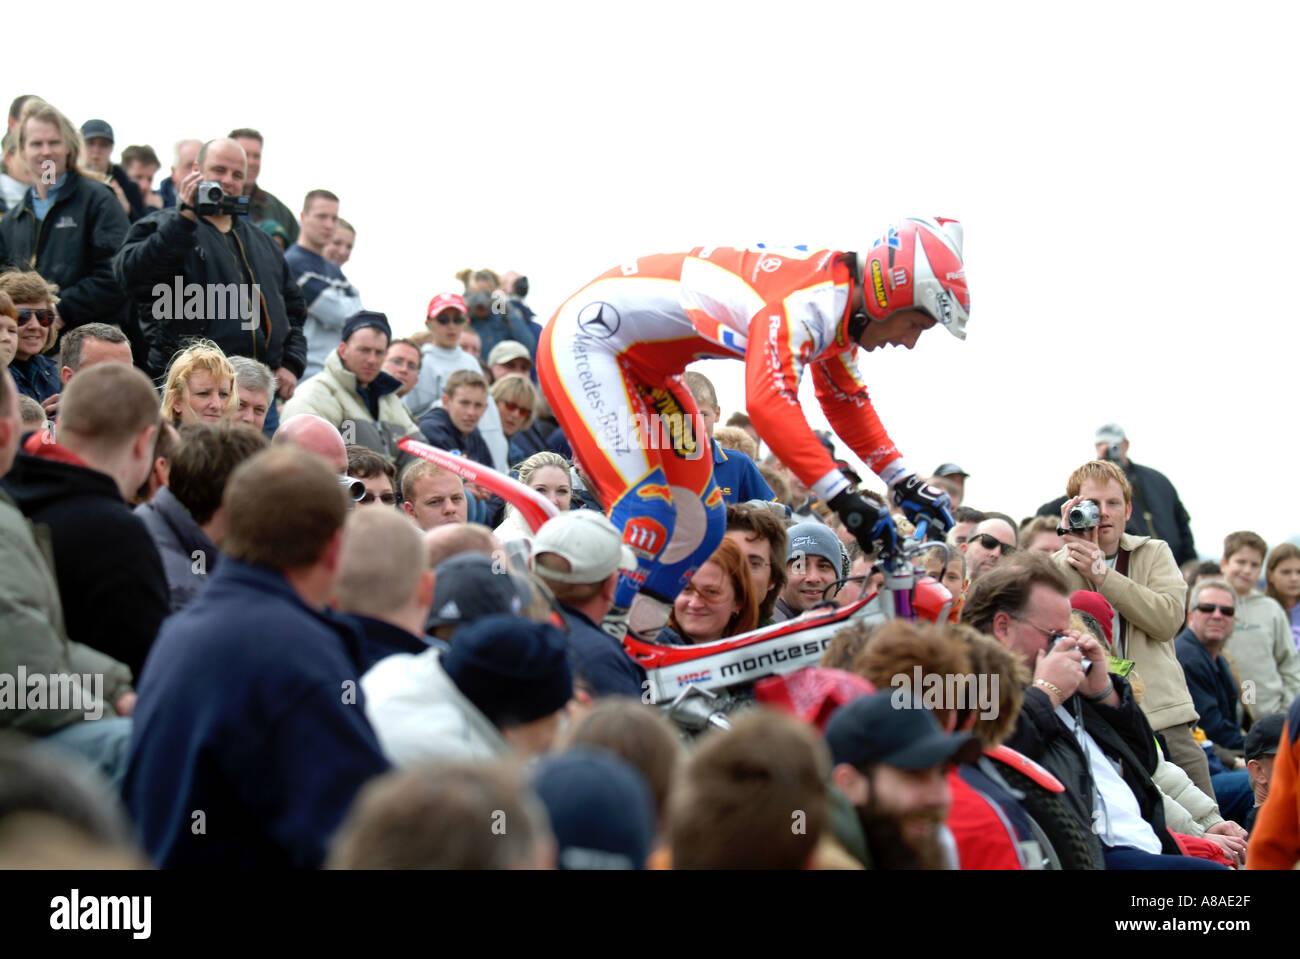 jason finn trials rider Adrenaline rush extreme risk danger motorbike tricks trick rider stuntman wheelie grandstand jump bunny - Stock Image